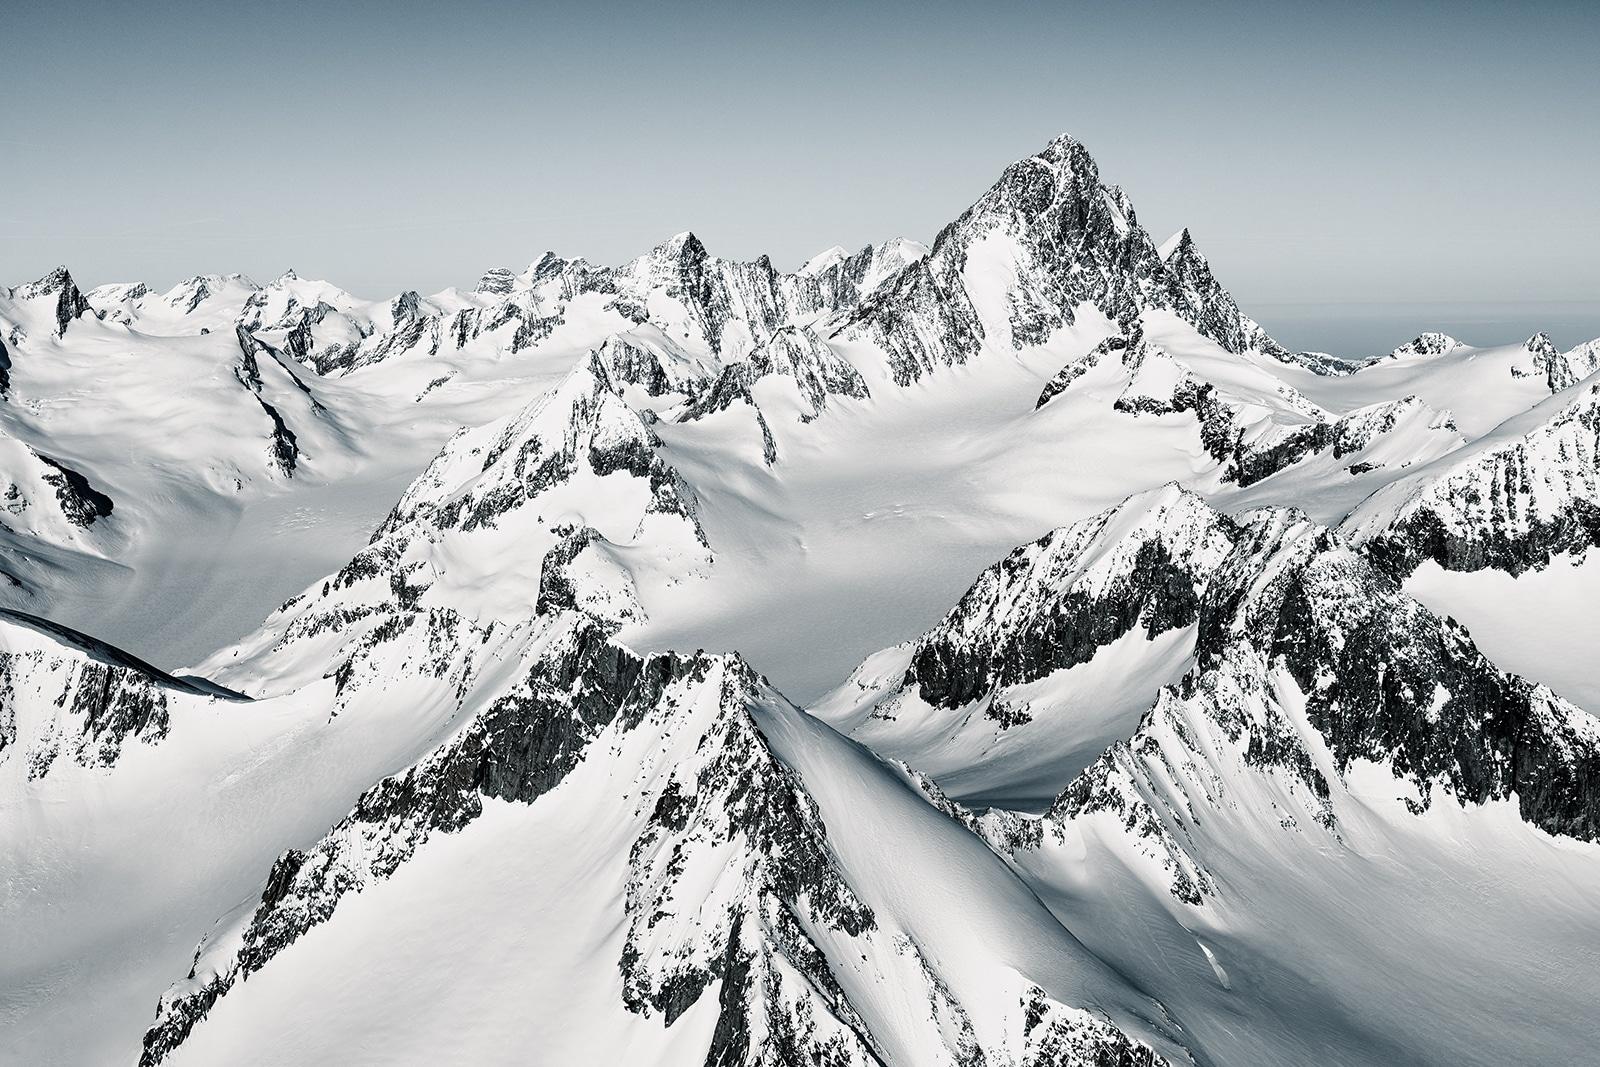 winterliche Luftaufnahme mit Helikopter - Finsteraarhorn im Winter mit Blick auf Oberaarrothorn, Agassiszhorn, Oberaarhorn, Finsteraargletscher, Fieschergletscher, Grünhorn, Mönch